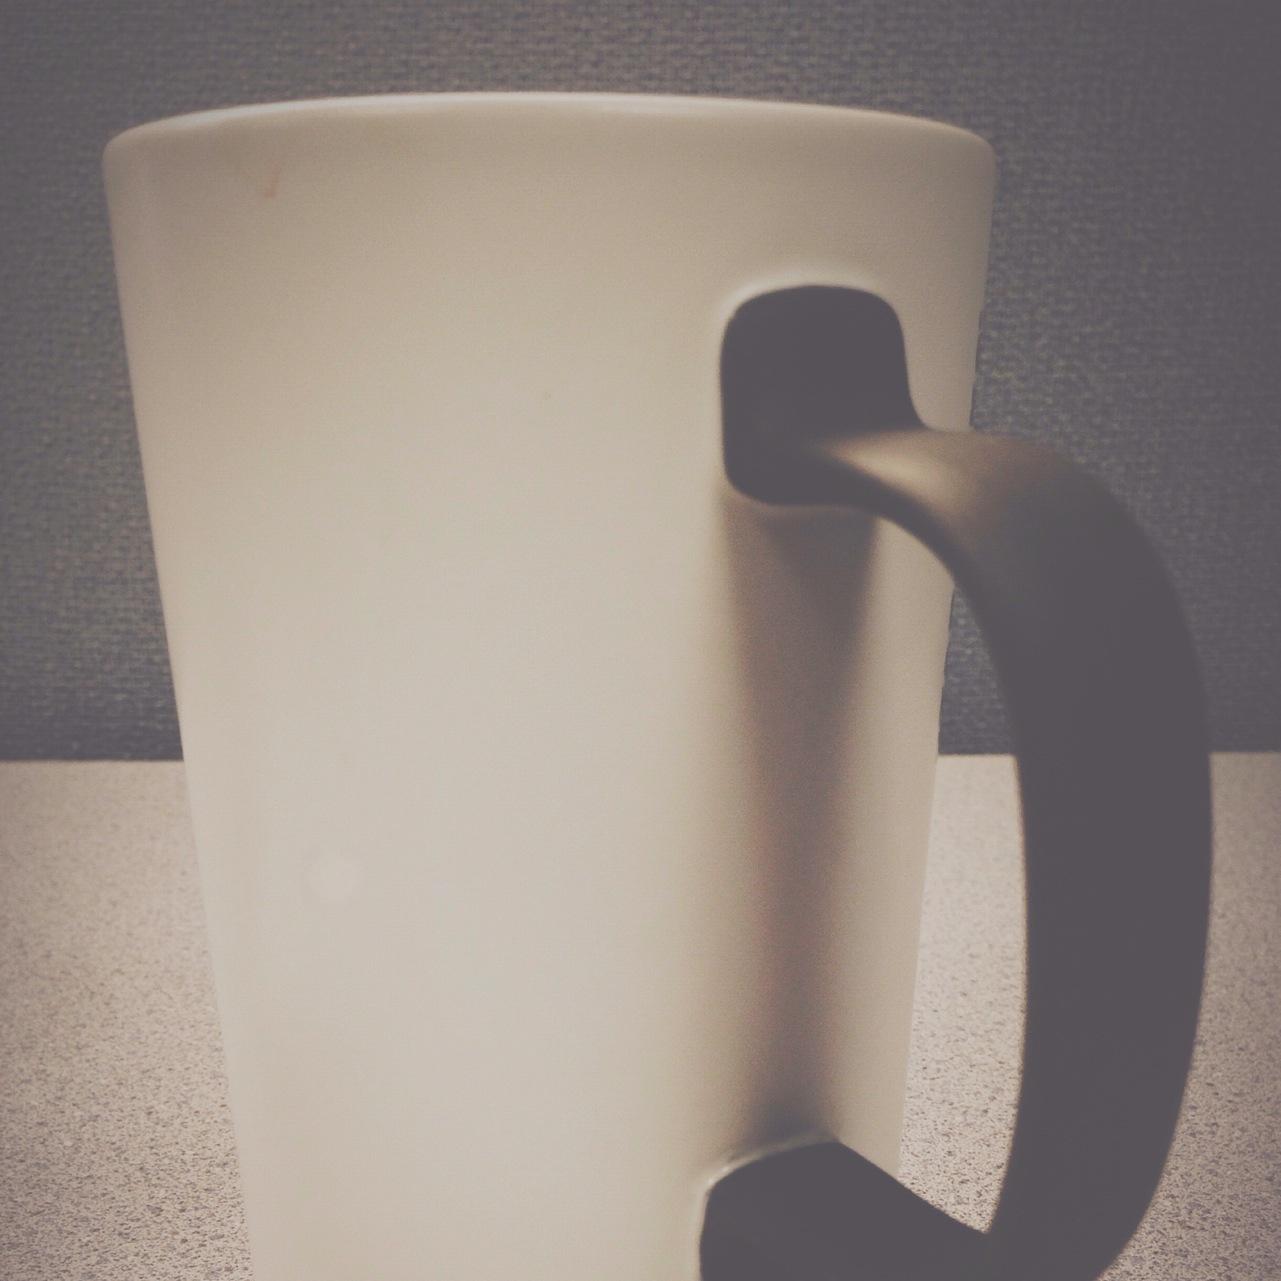 Mug wpid 52d47e2b1b8b70.57791053